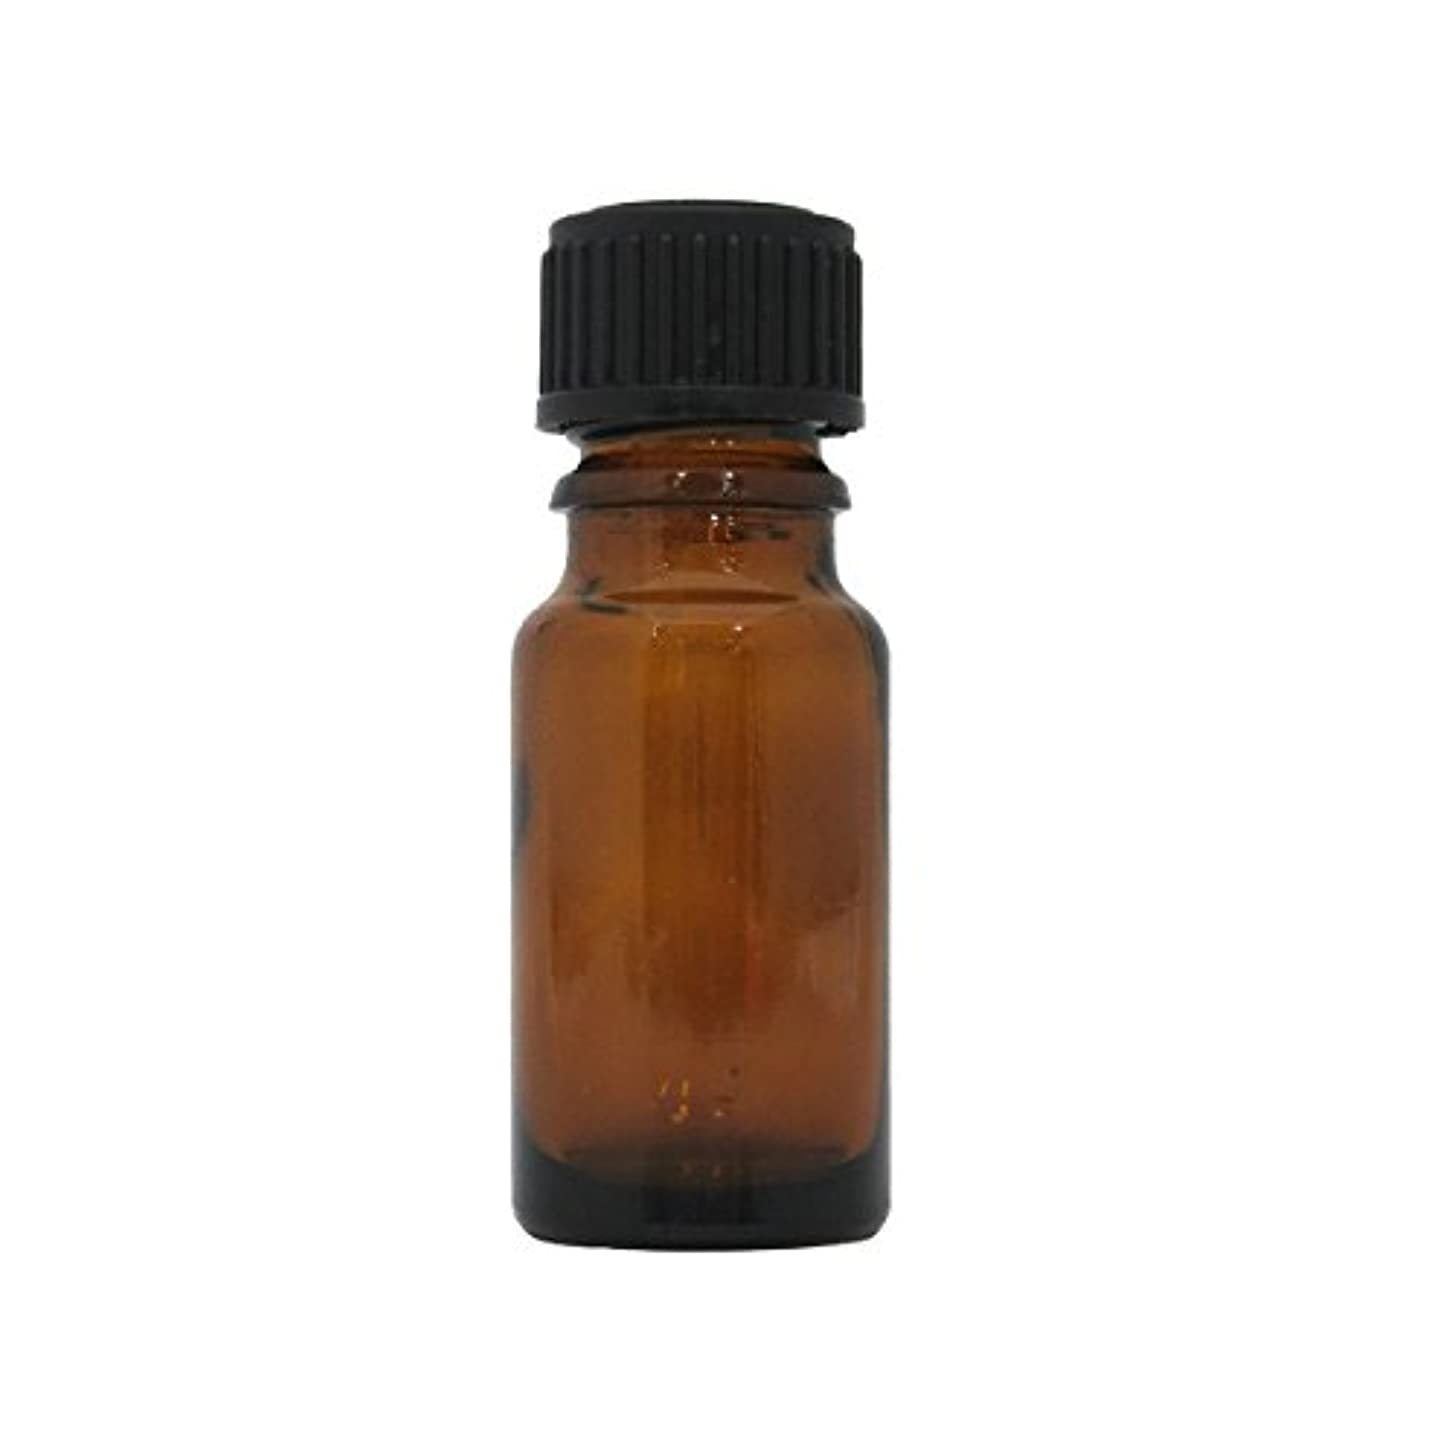 全員魂メイト茶色遮光瓶 10ml (ドロッパー付)